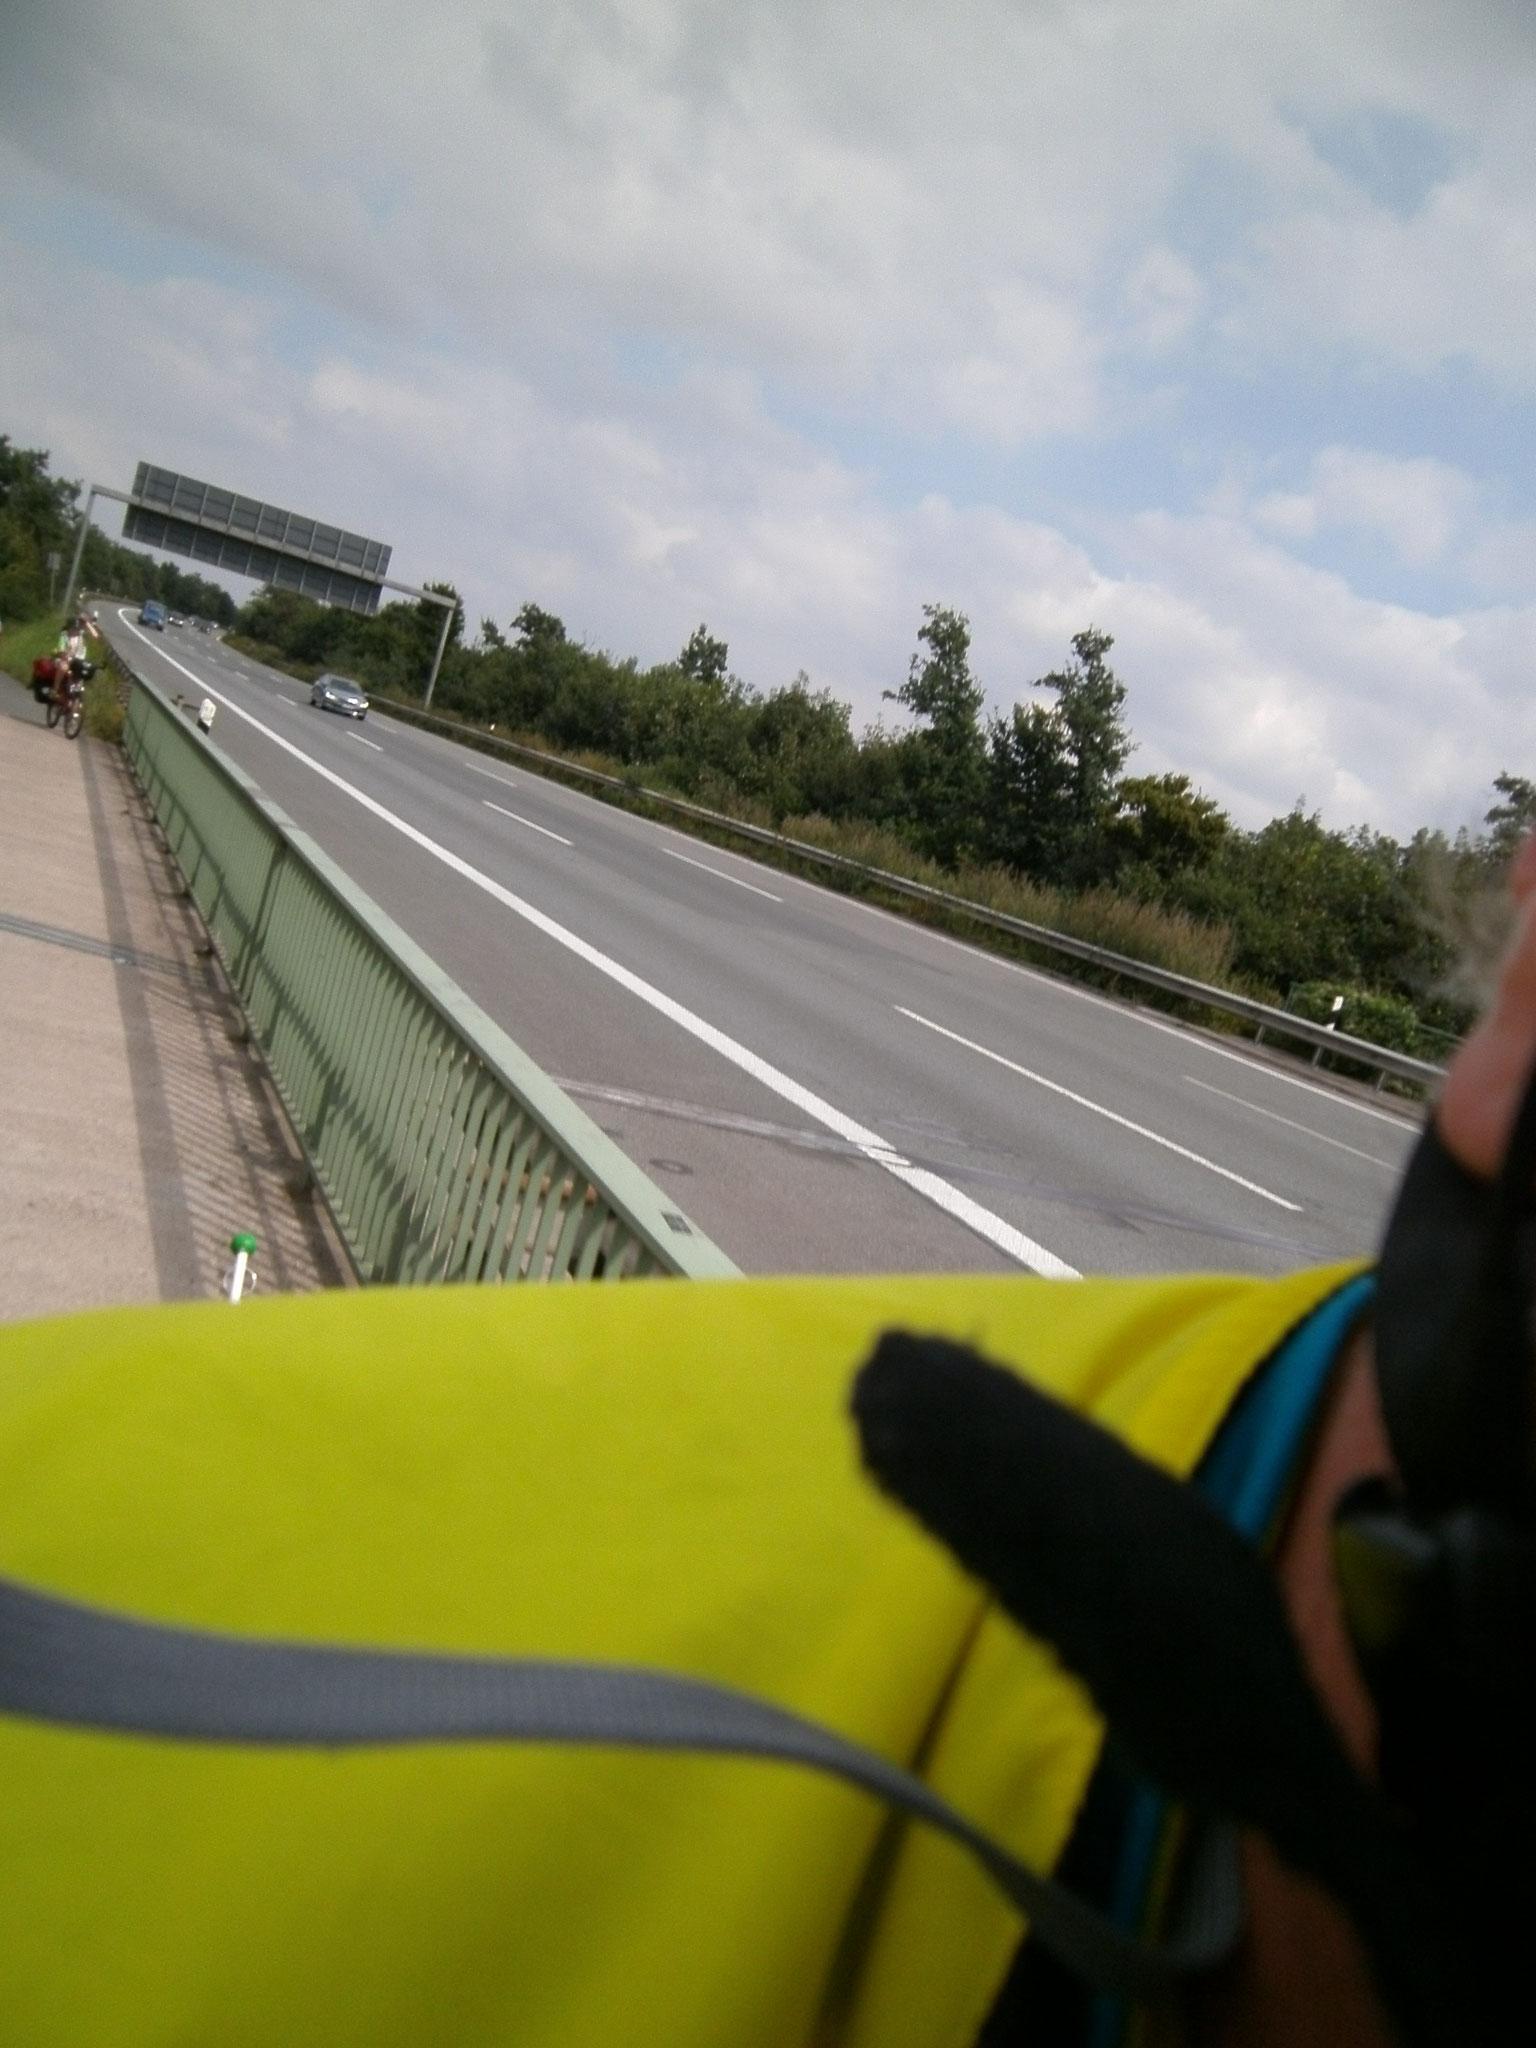 Verrückter Tourverlauf an der Autobahn entlang...